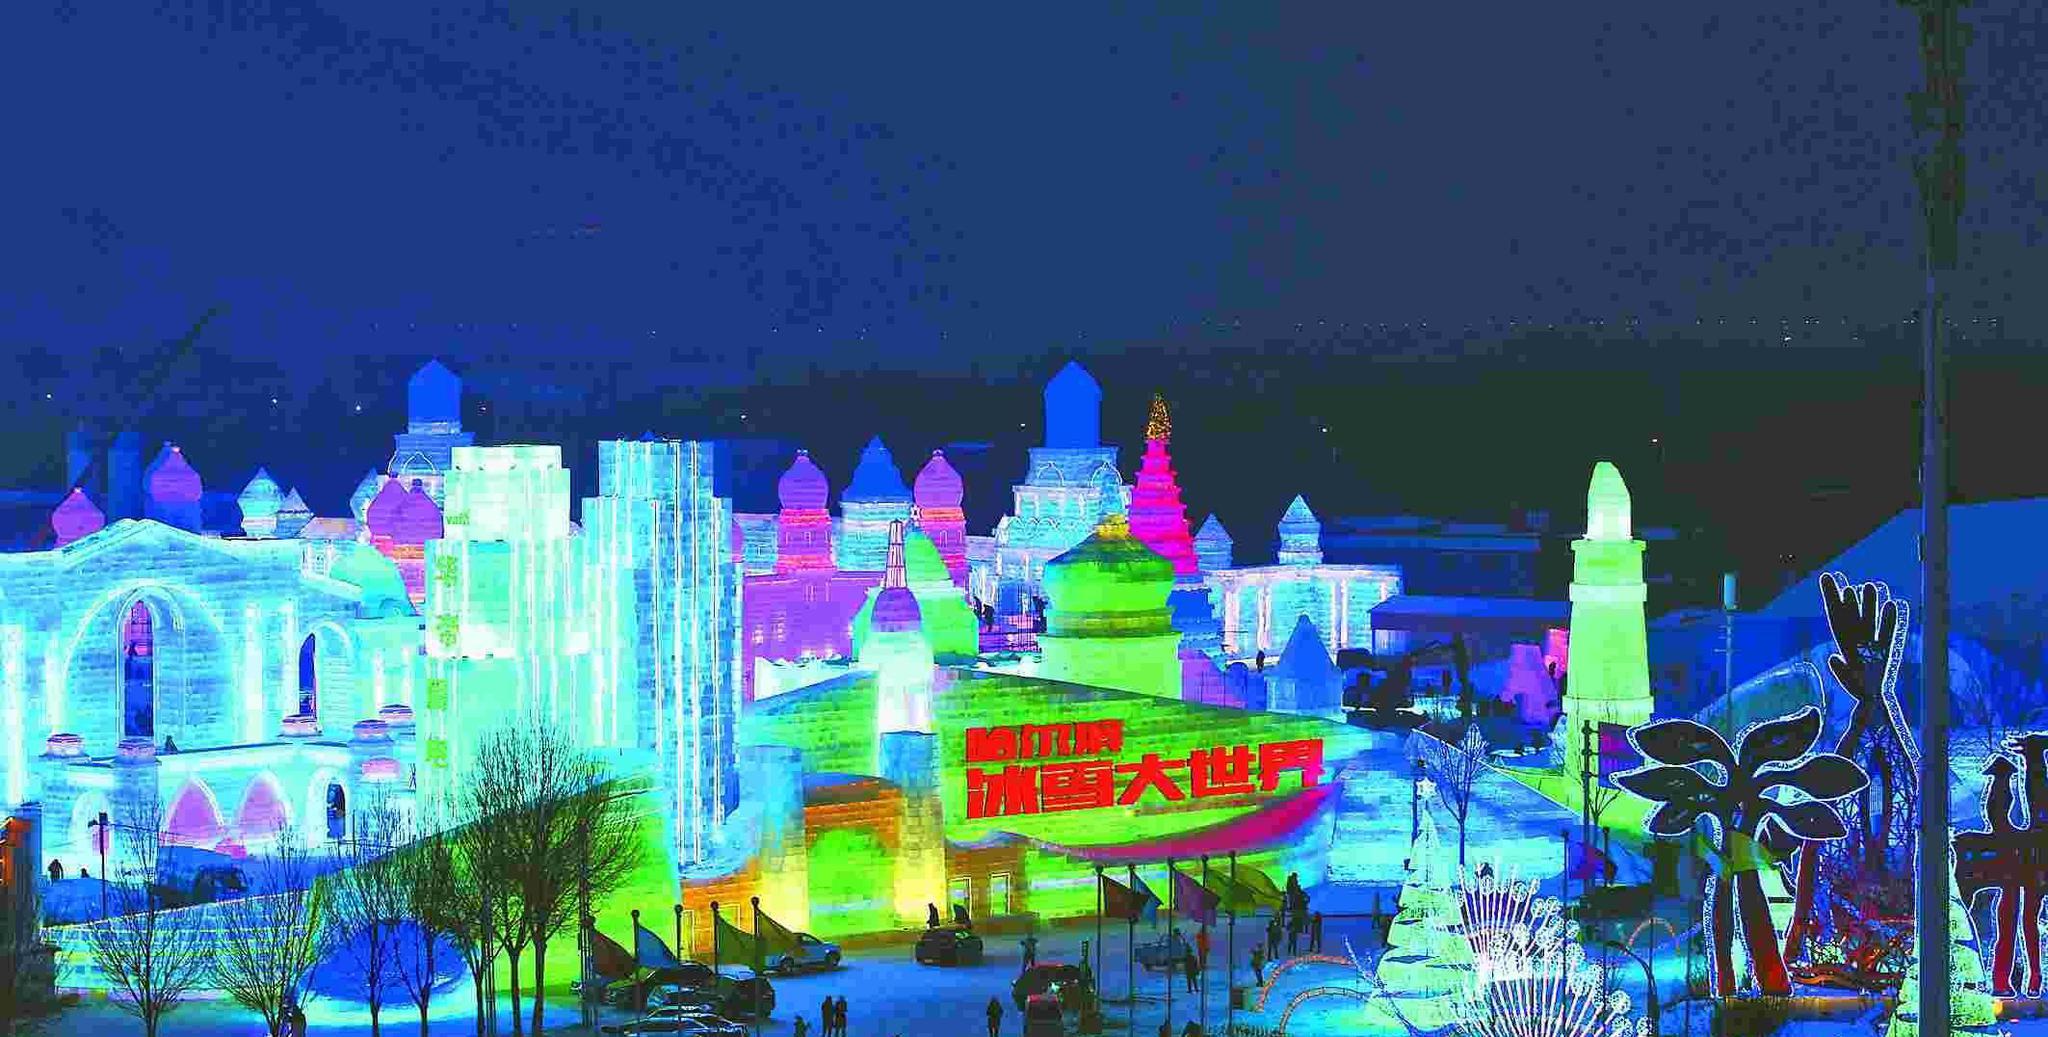 哈尔滨冰雪大世界,夜景也很美,是一个好玩的地方